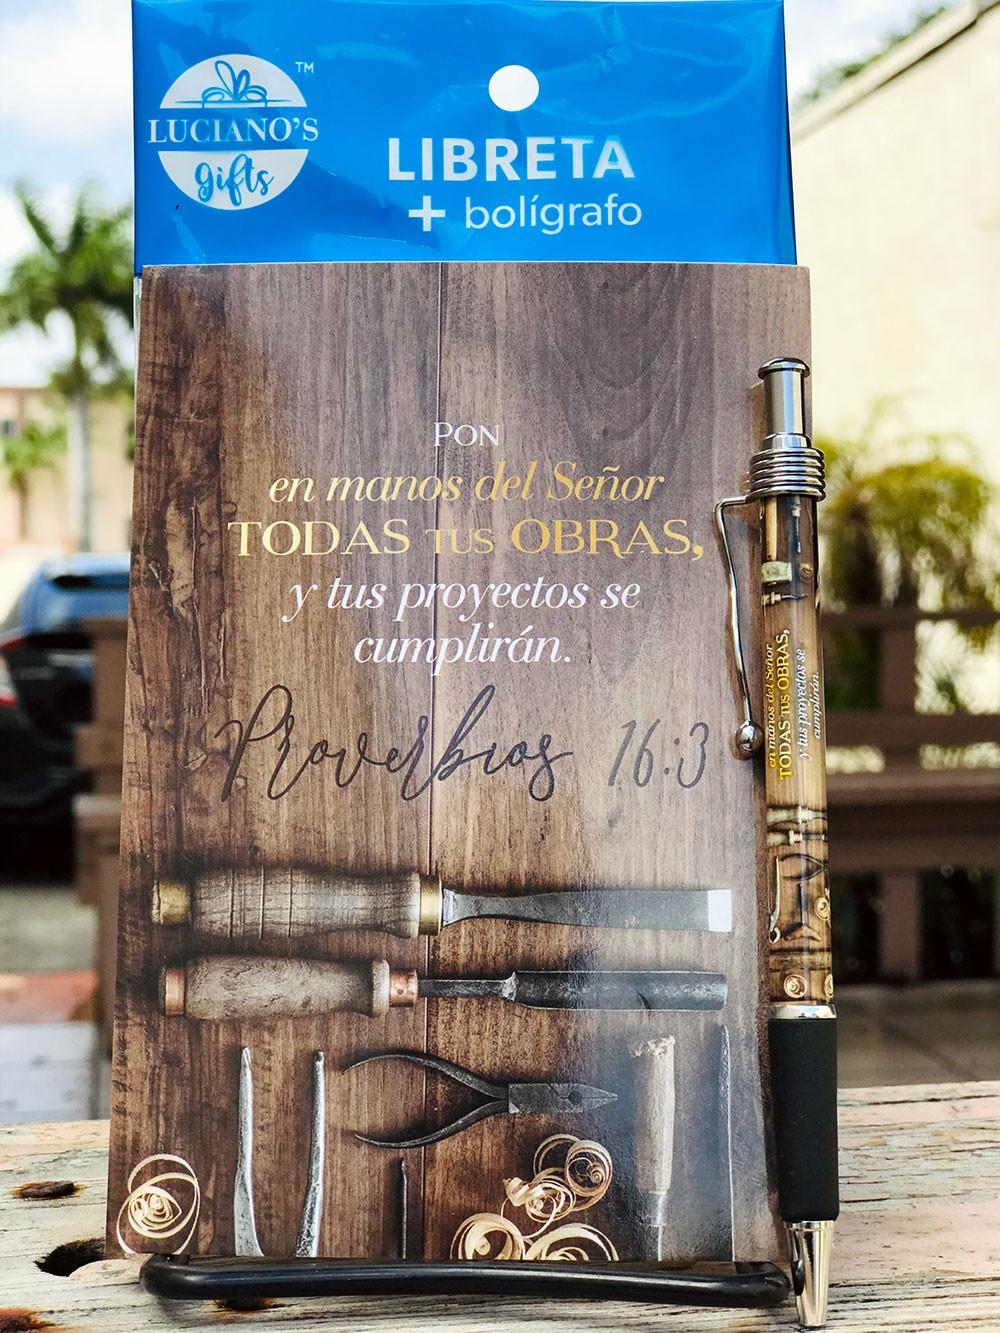 Libreta Pack + Bolígrafo Pon en manos Lucianos